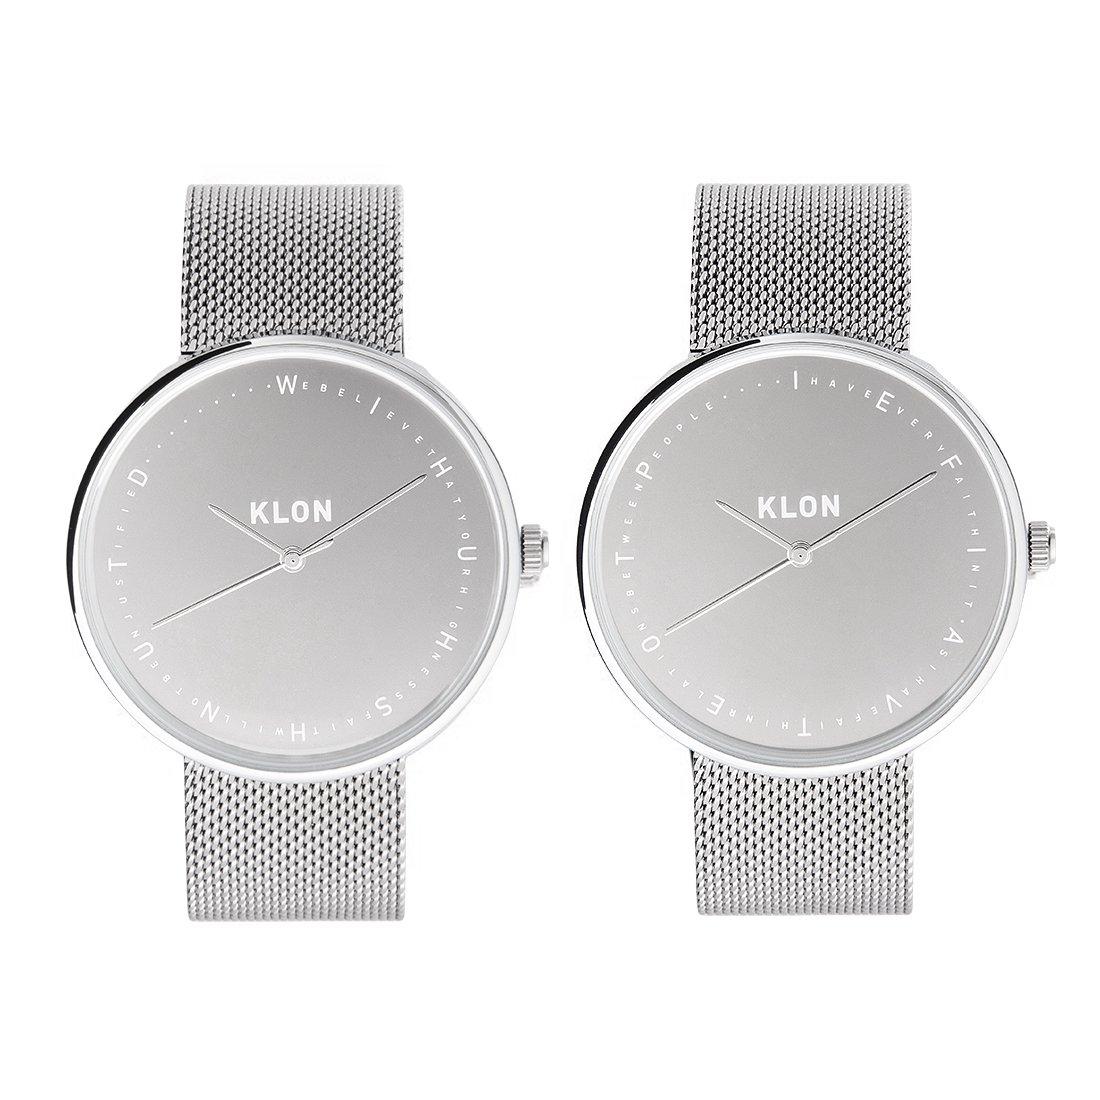 【入荷日未定】KLON RH simply 40mm